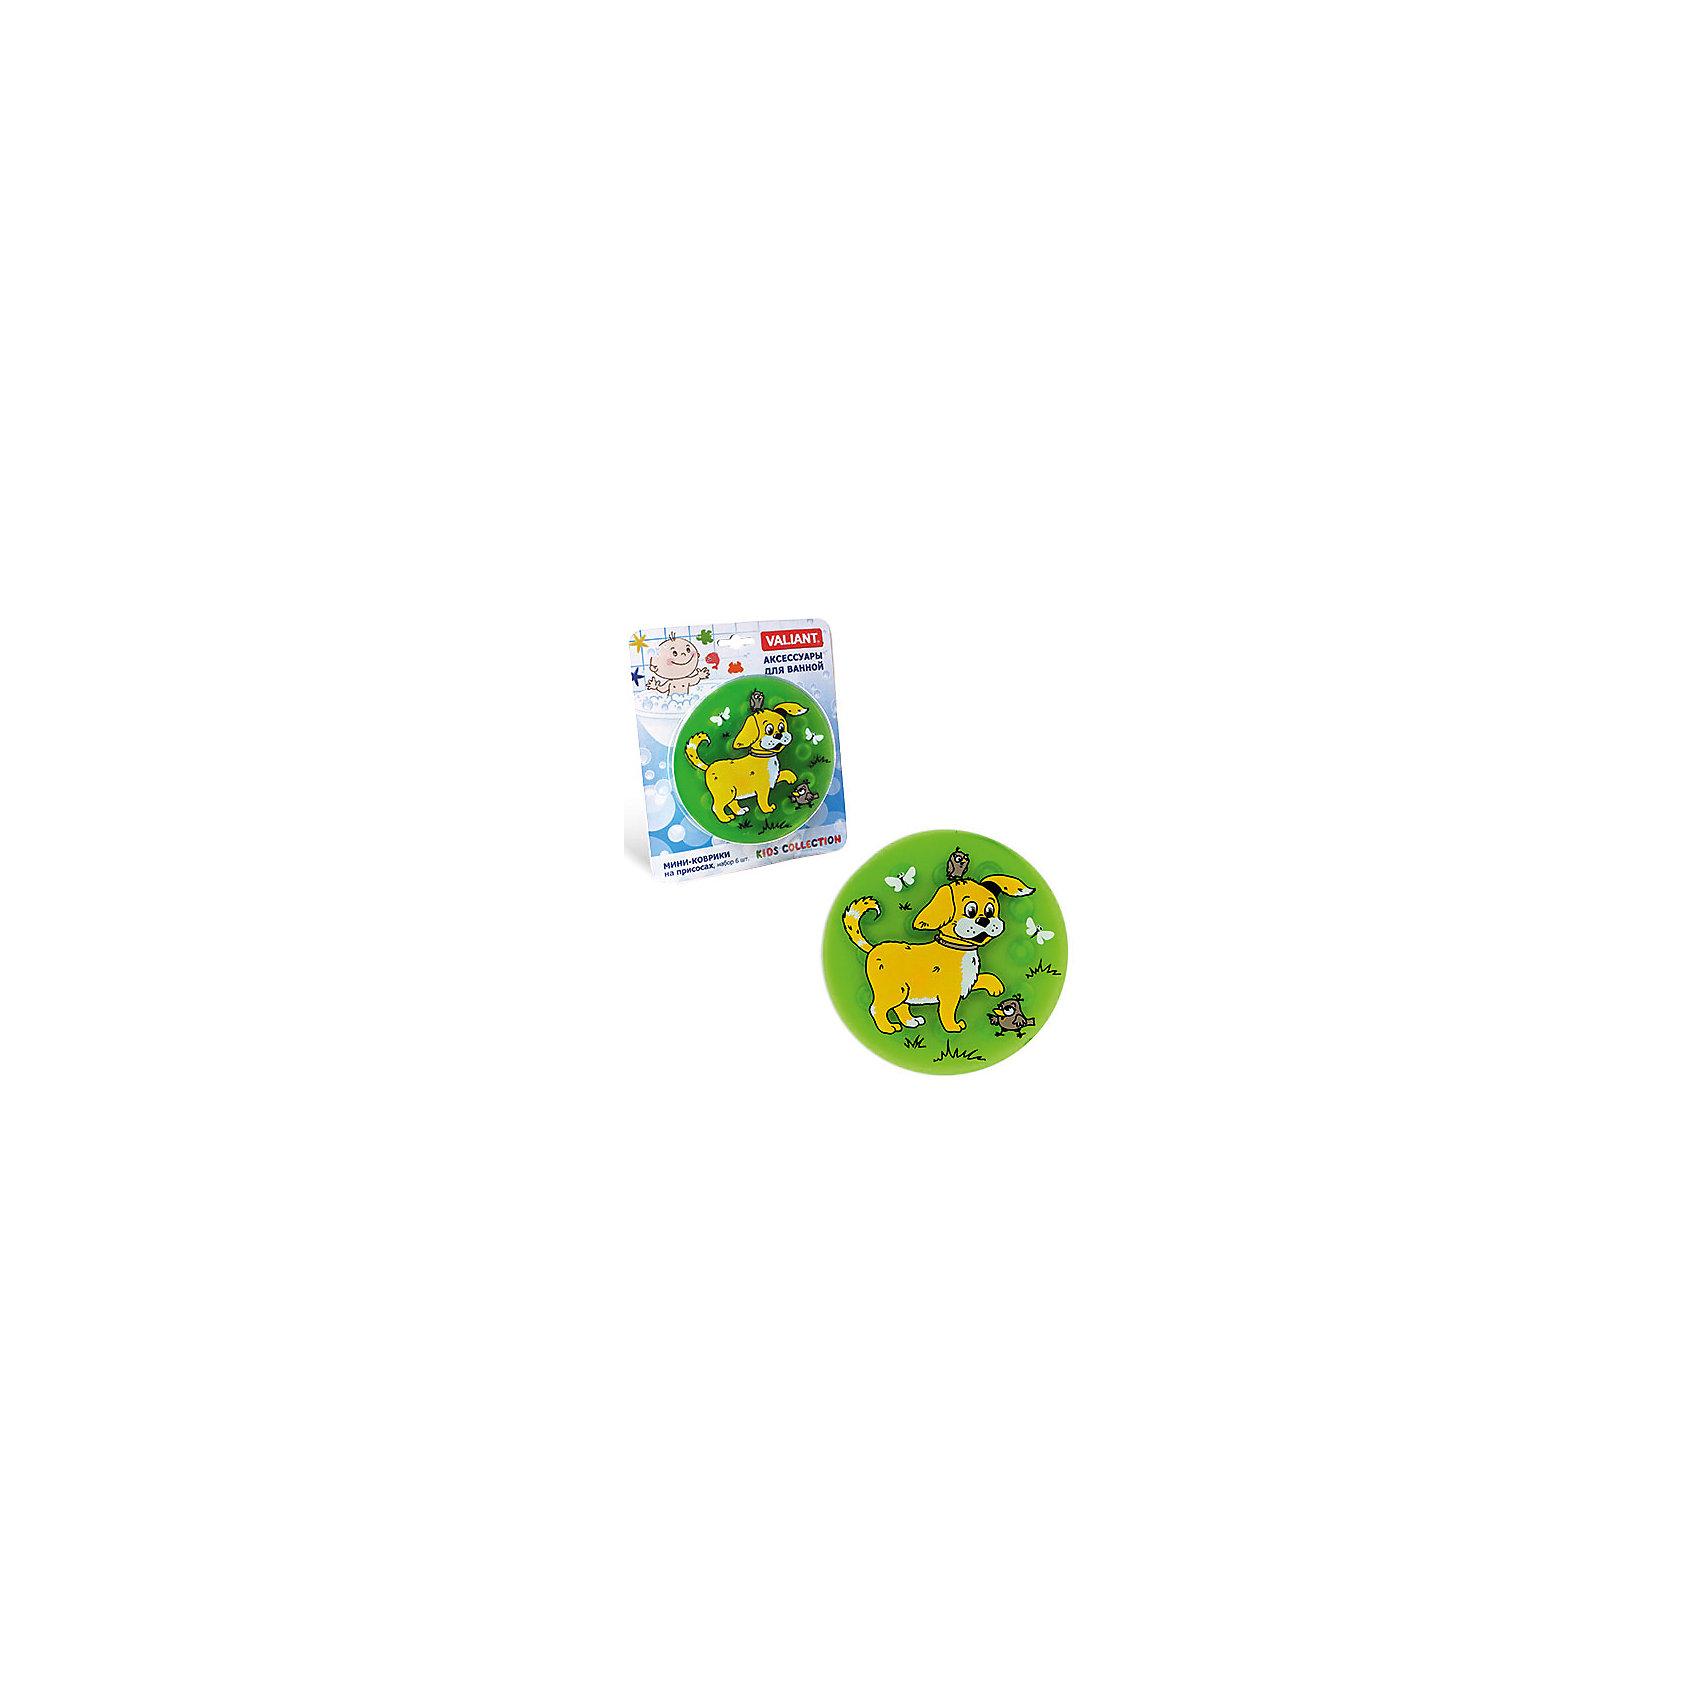 Набор ковриков Собачка на присосках (6 шт)Товары для купания<br>Мини-коврики для ванной комнаты - это яркое дополнение к купанию малыша. Это и игра и развитие моторики и изучение зверушек. <br>Колоссальный и постоянно растущий спрос на них обусловлен реакцией малышей и их мам на данное изобретение по всему миру.<br>Мини-коврики снабжены присосками и превосходно клеятся на влажный кафель.<br><br>Ширина мм: 170<br>Глубина мм: 35<br>Высота мм: 200<br>Вес г: 217<br>Возраст от месяцев: -2147483648<br>Возраст до месяцев: 2147483647<br>Пол: Унисекс<br>Возраст: Детский<br>SKU: 4563344